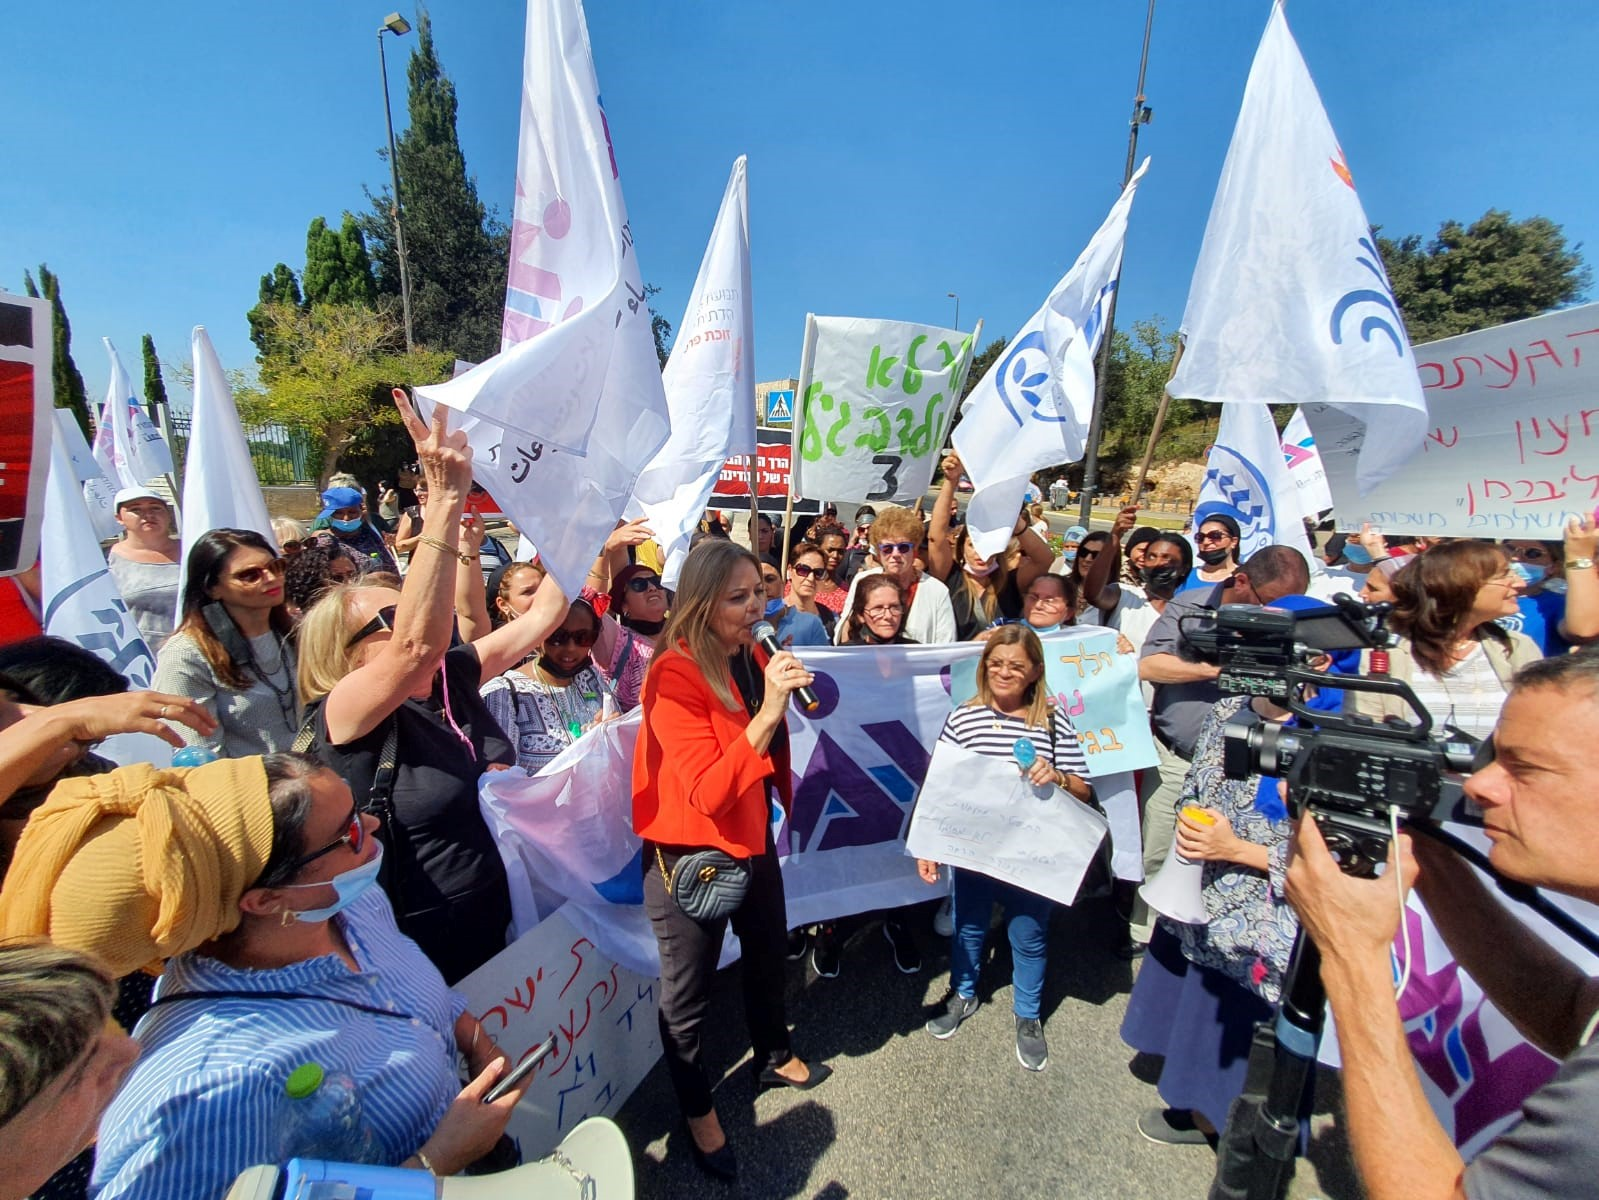 היום השלישי להשבתה: מאות מטפלות הפגינו בירושלים מול משרד האוצר